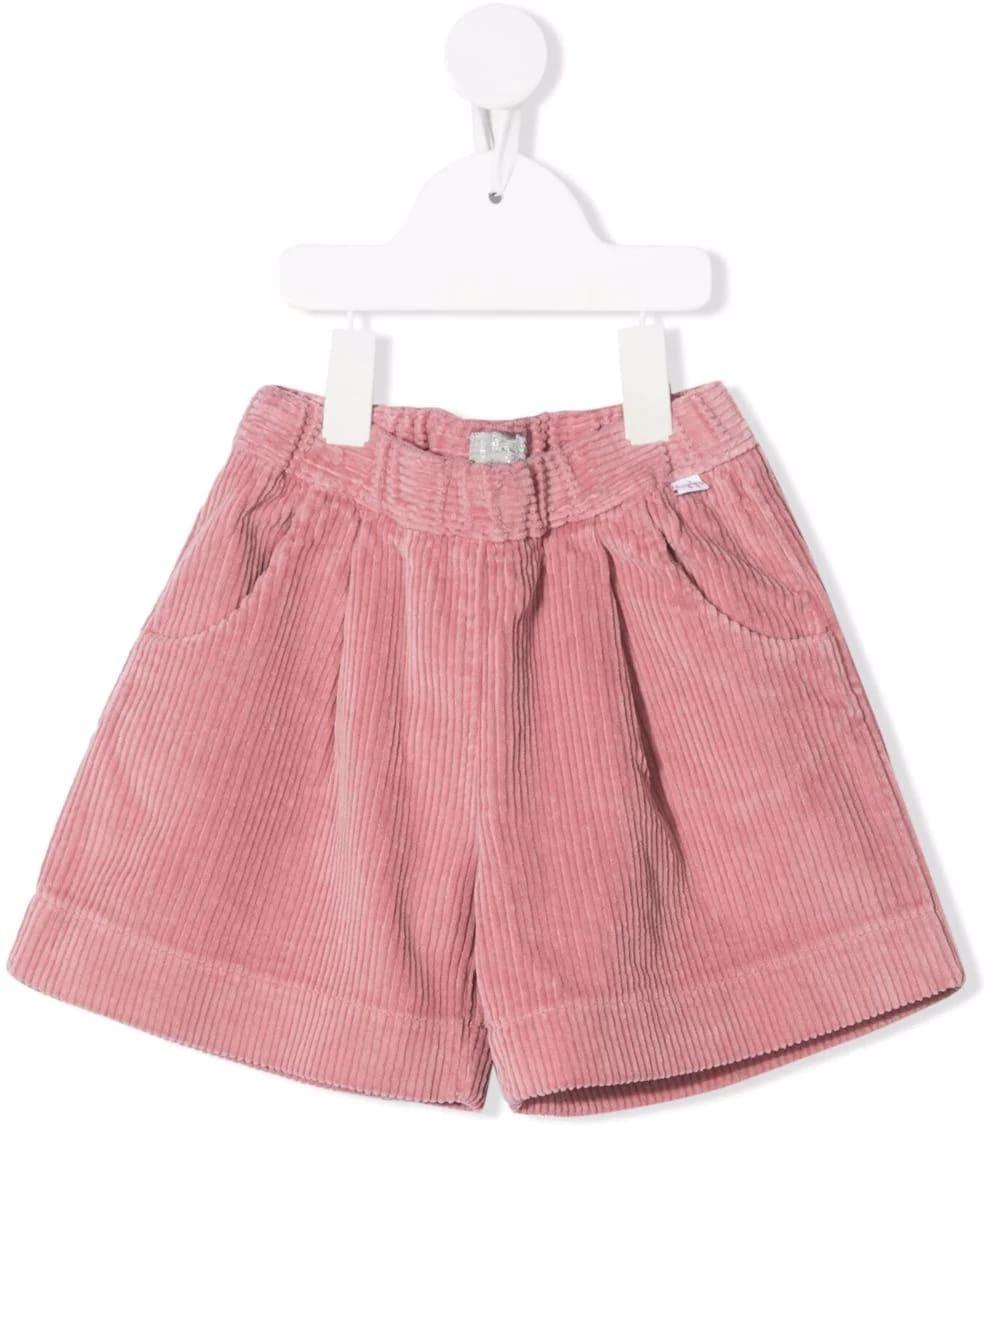 Kids Shorts In Pink Corduroy